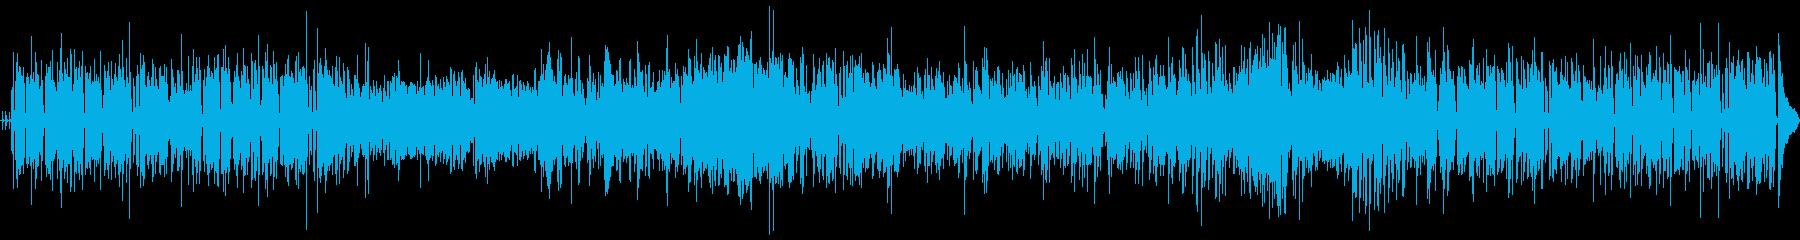 クールなジャズ、アコースティック、...の再生済みの波形